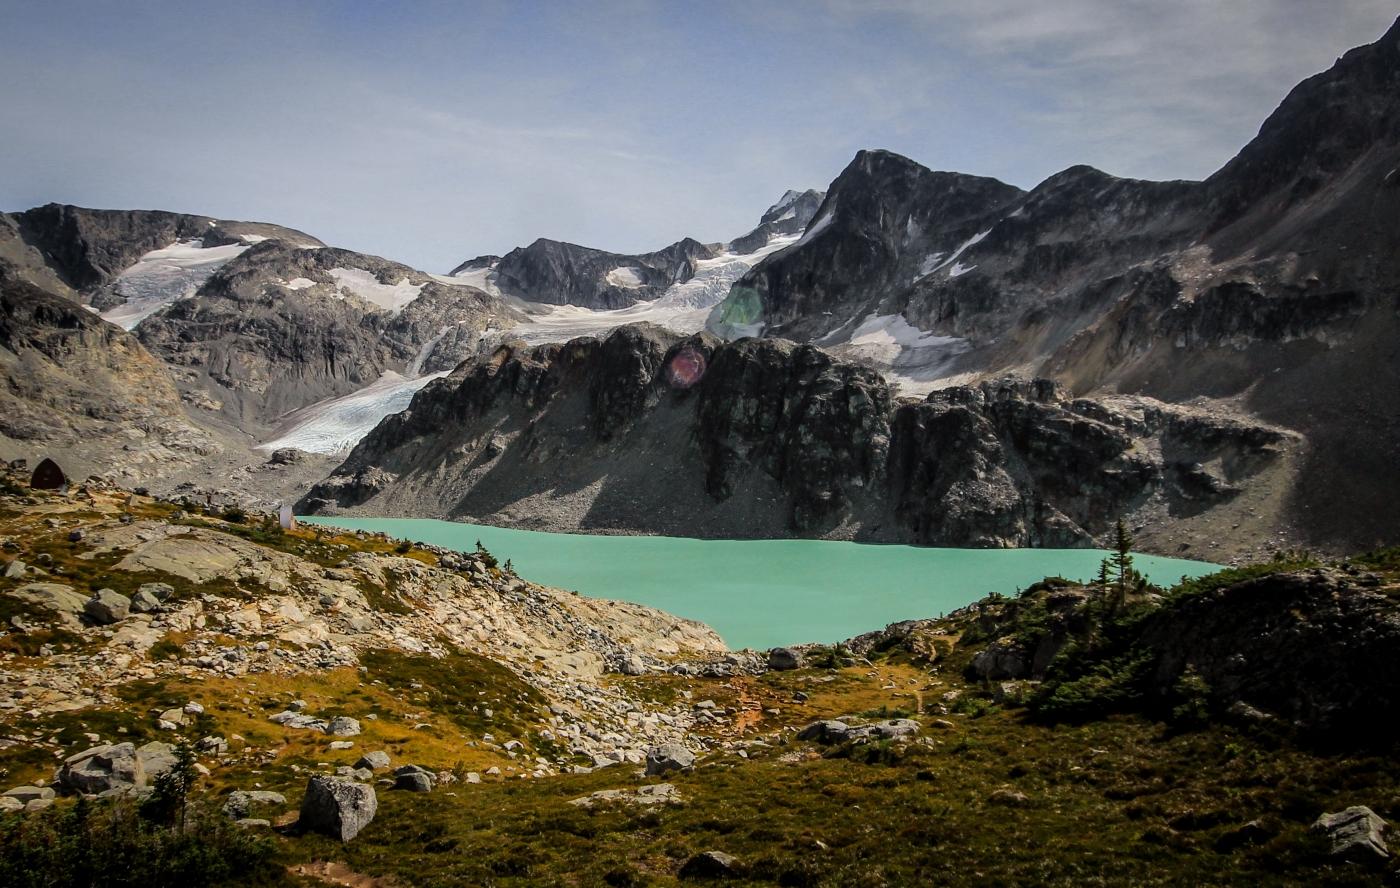 Hiking to Wedgemount Lake